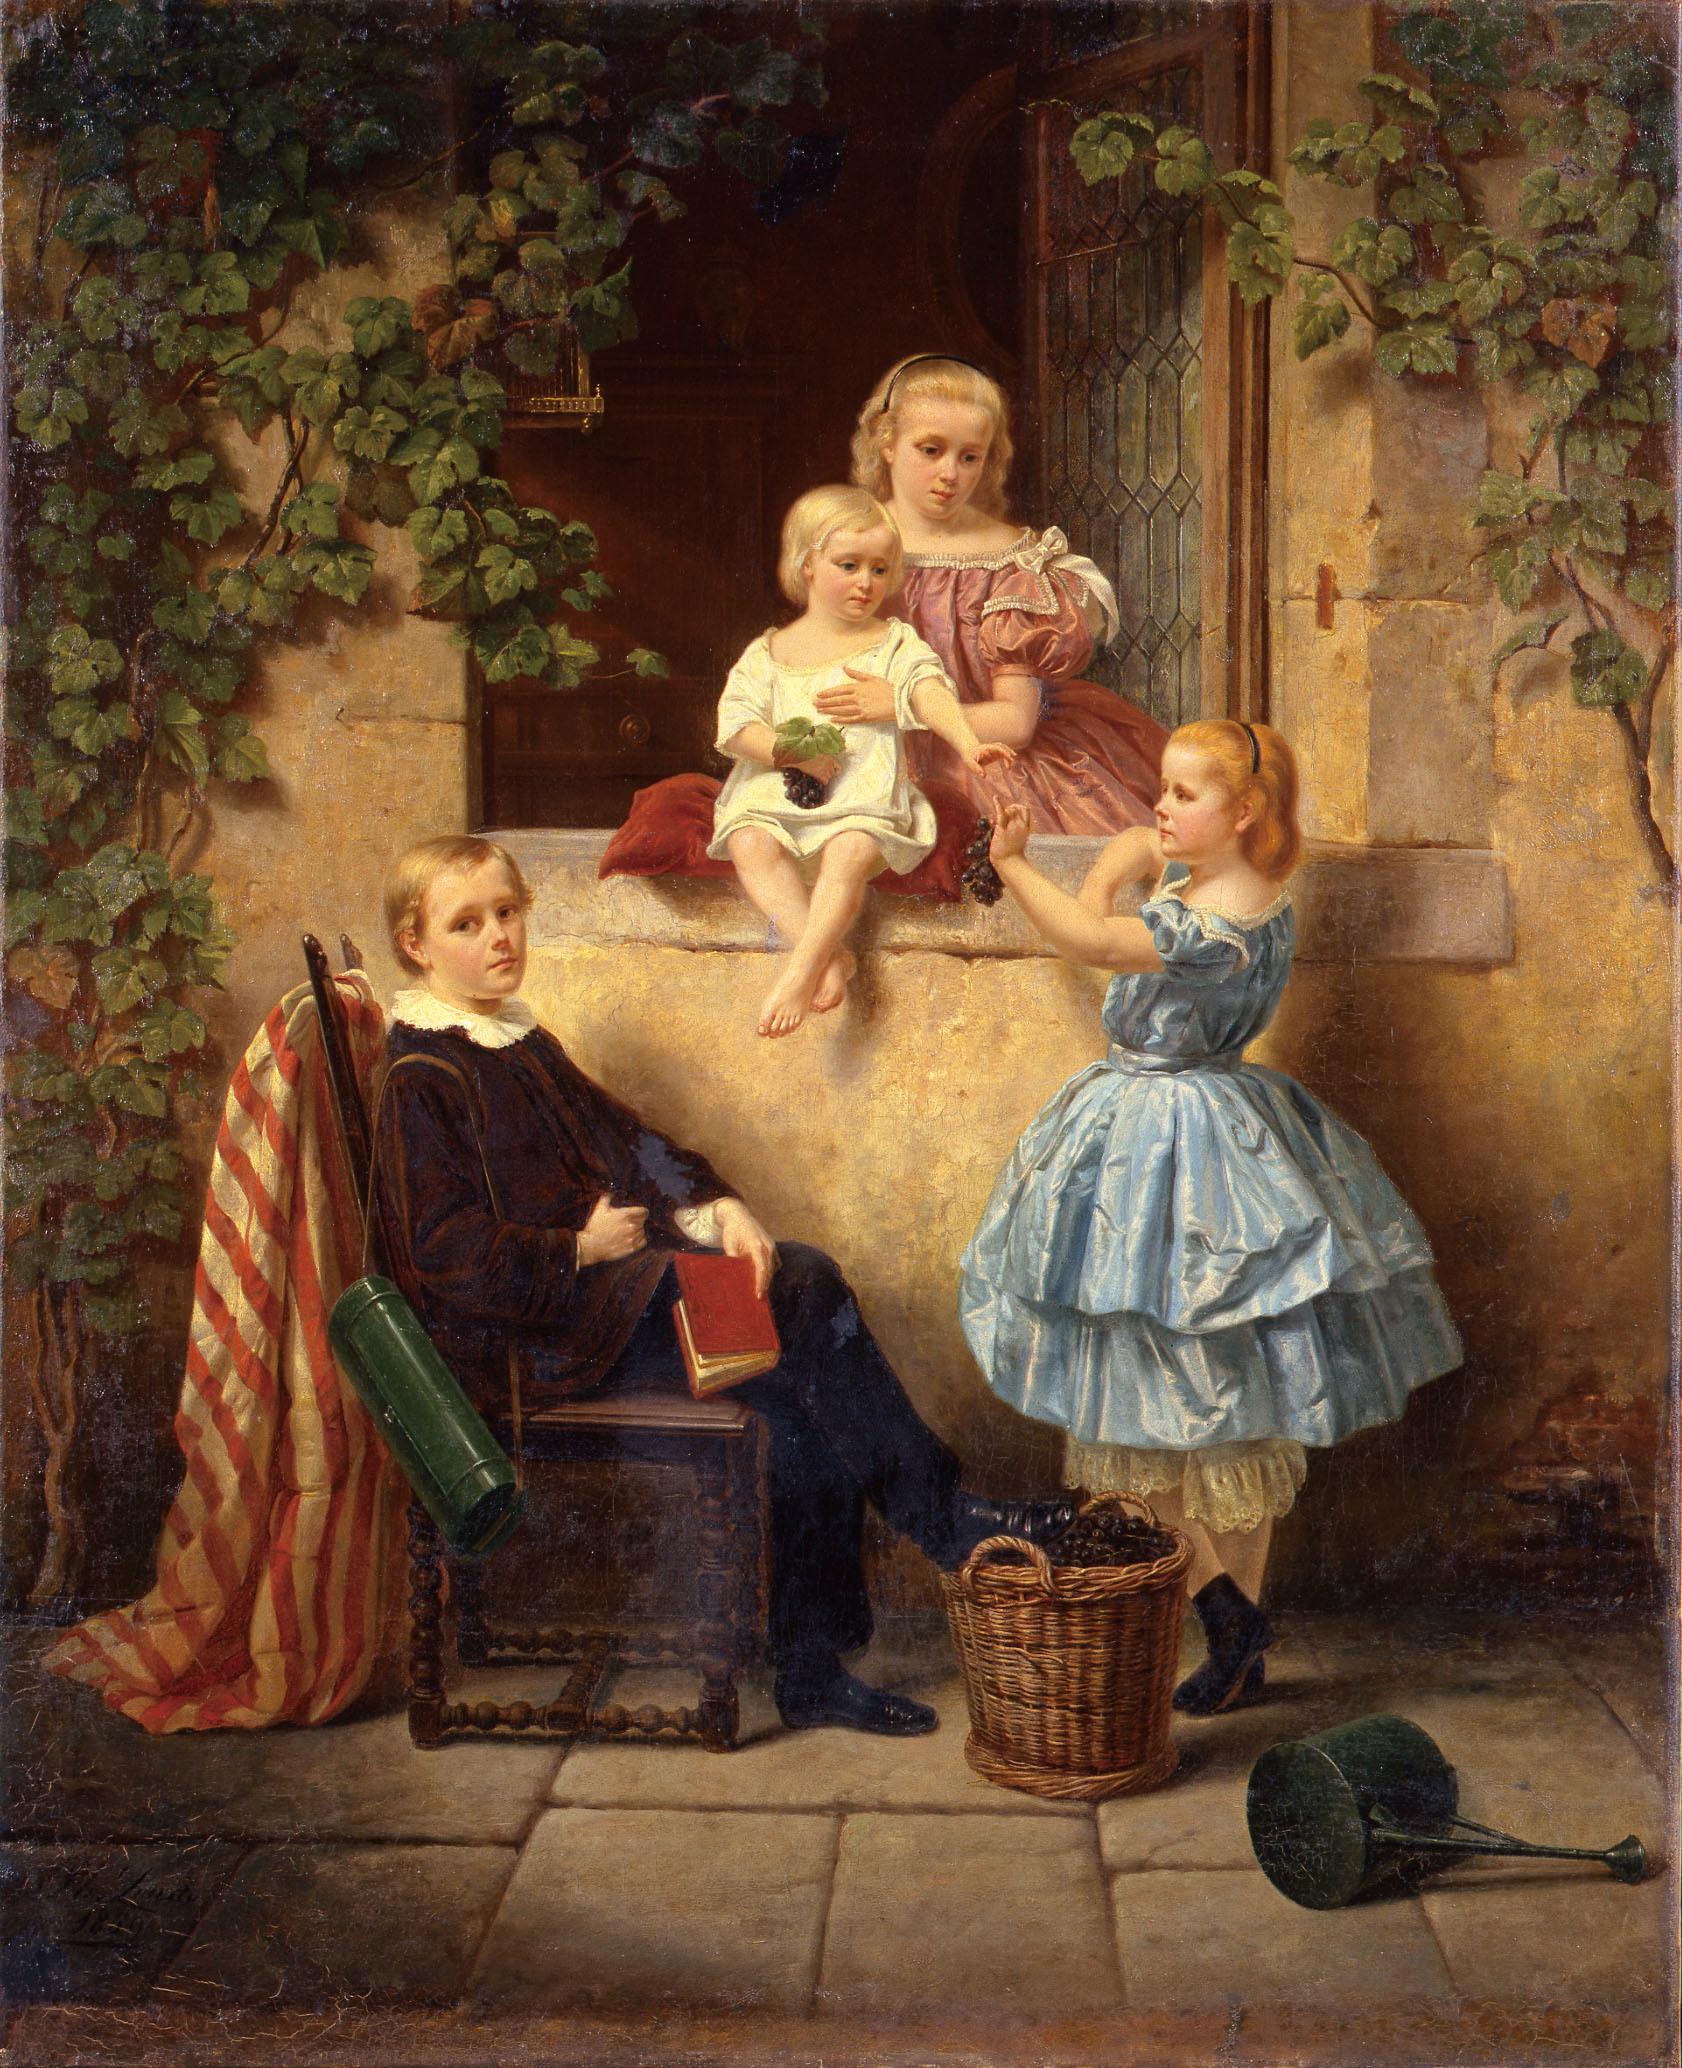 フィリップ・リンド「窓辺の子供達」1859年